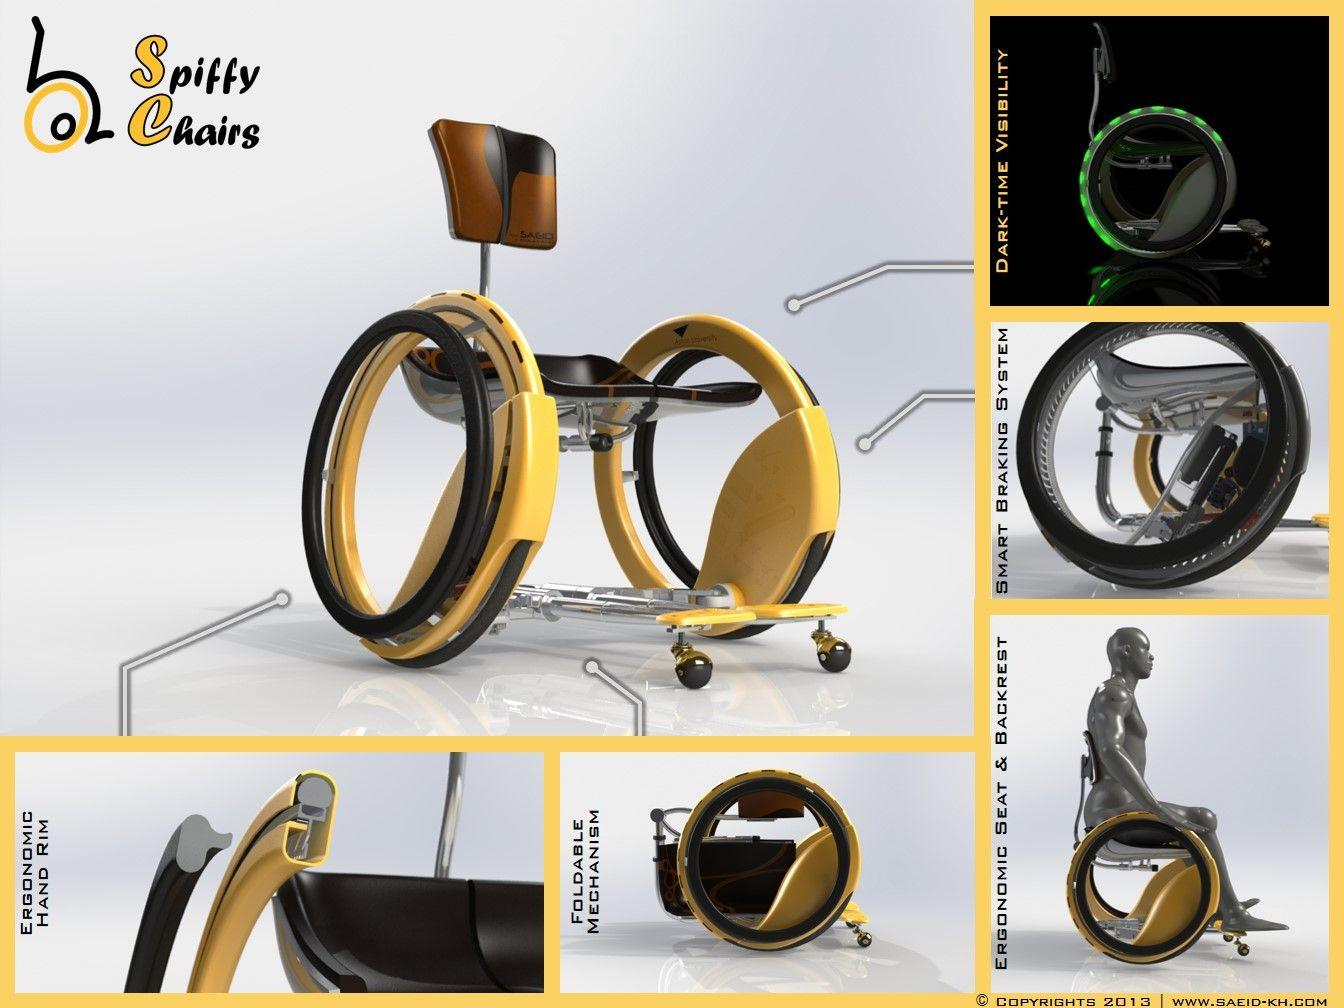 spokeless smart wheelchair an innovative wheelchair design with rh pinterest com Unique Modern Designs Wheelchair Unique Modern Designs Wheelchair